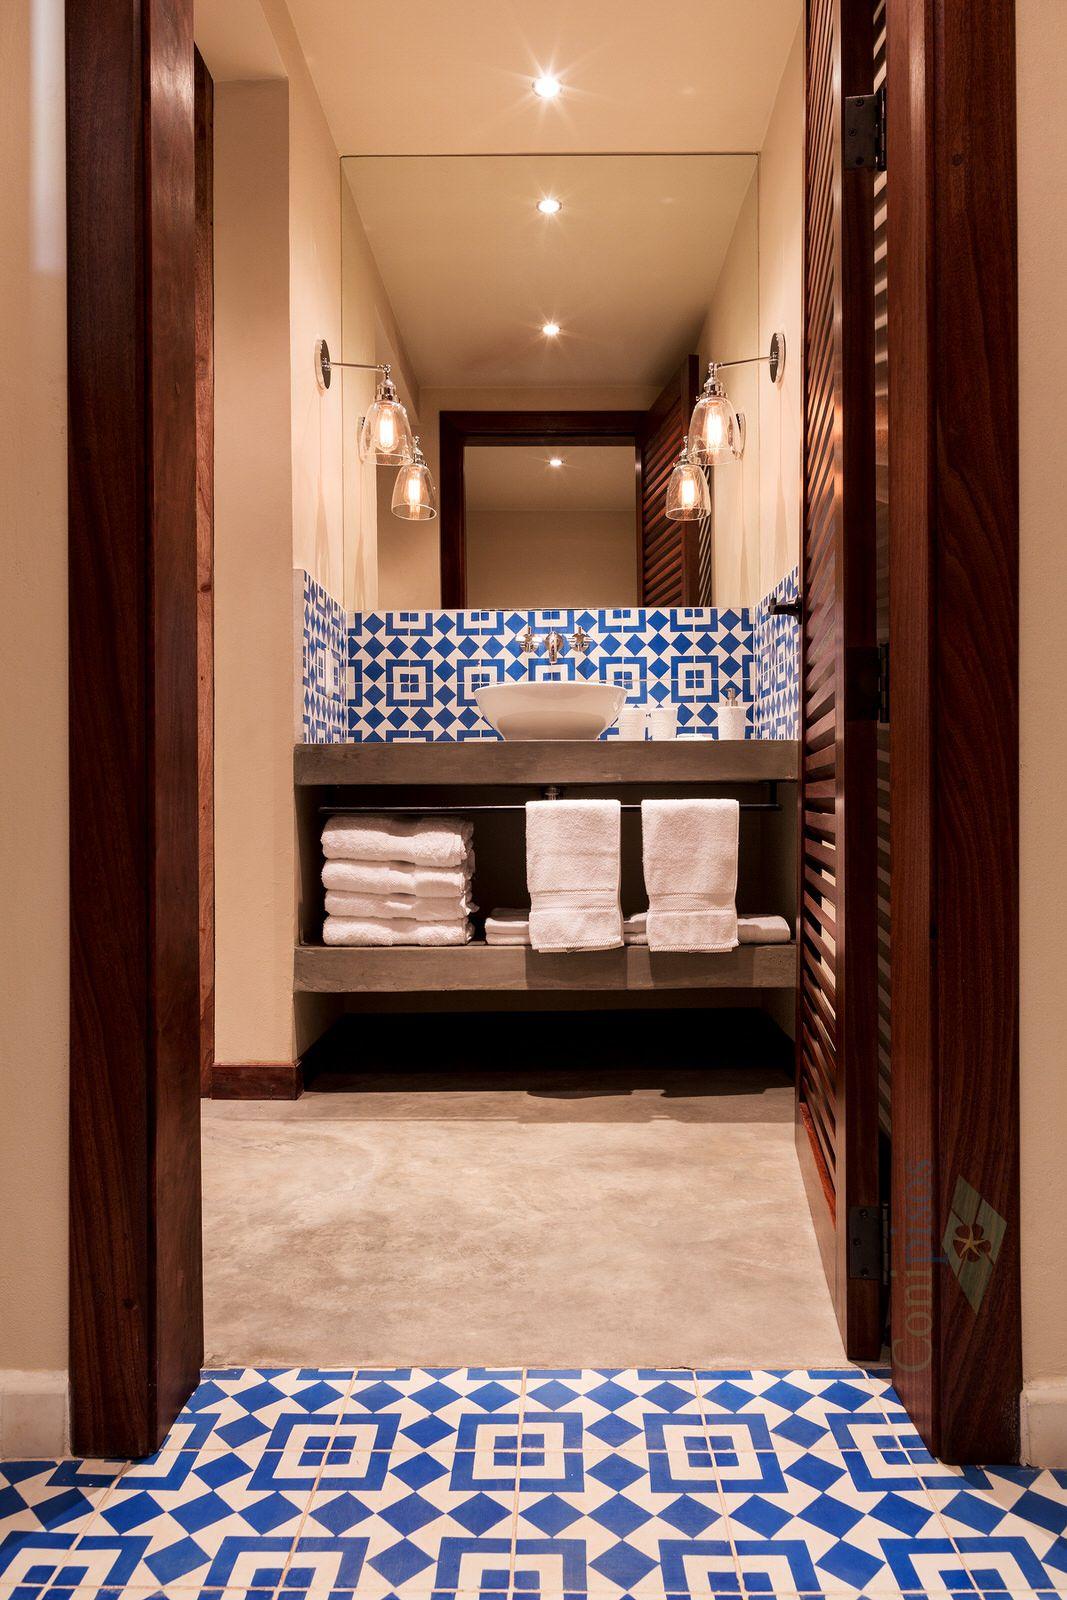 Meson Nadi, acabado arquitectonico en un cuarto de baño ...